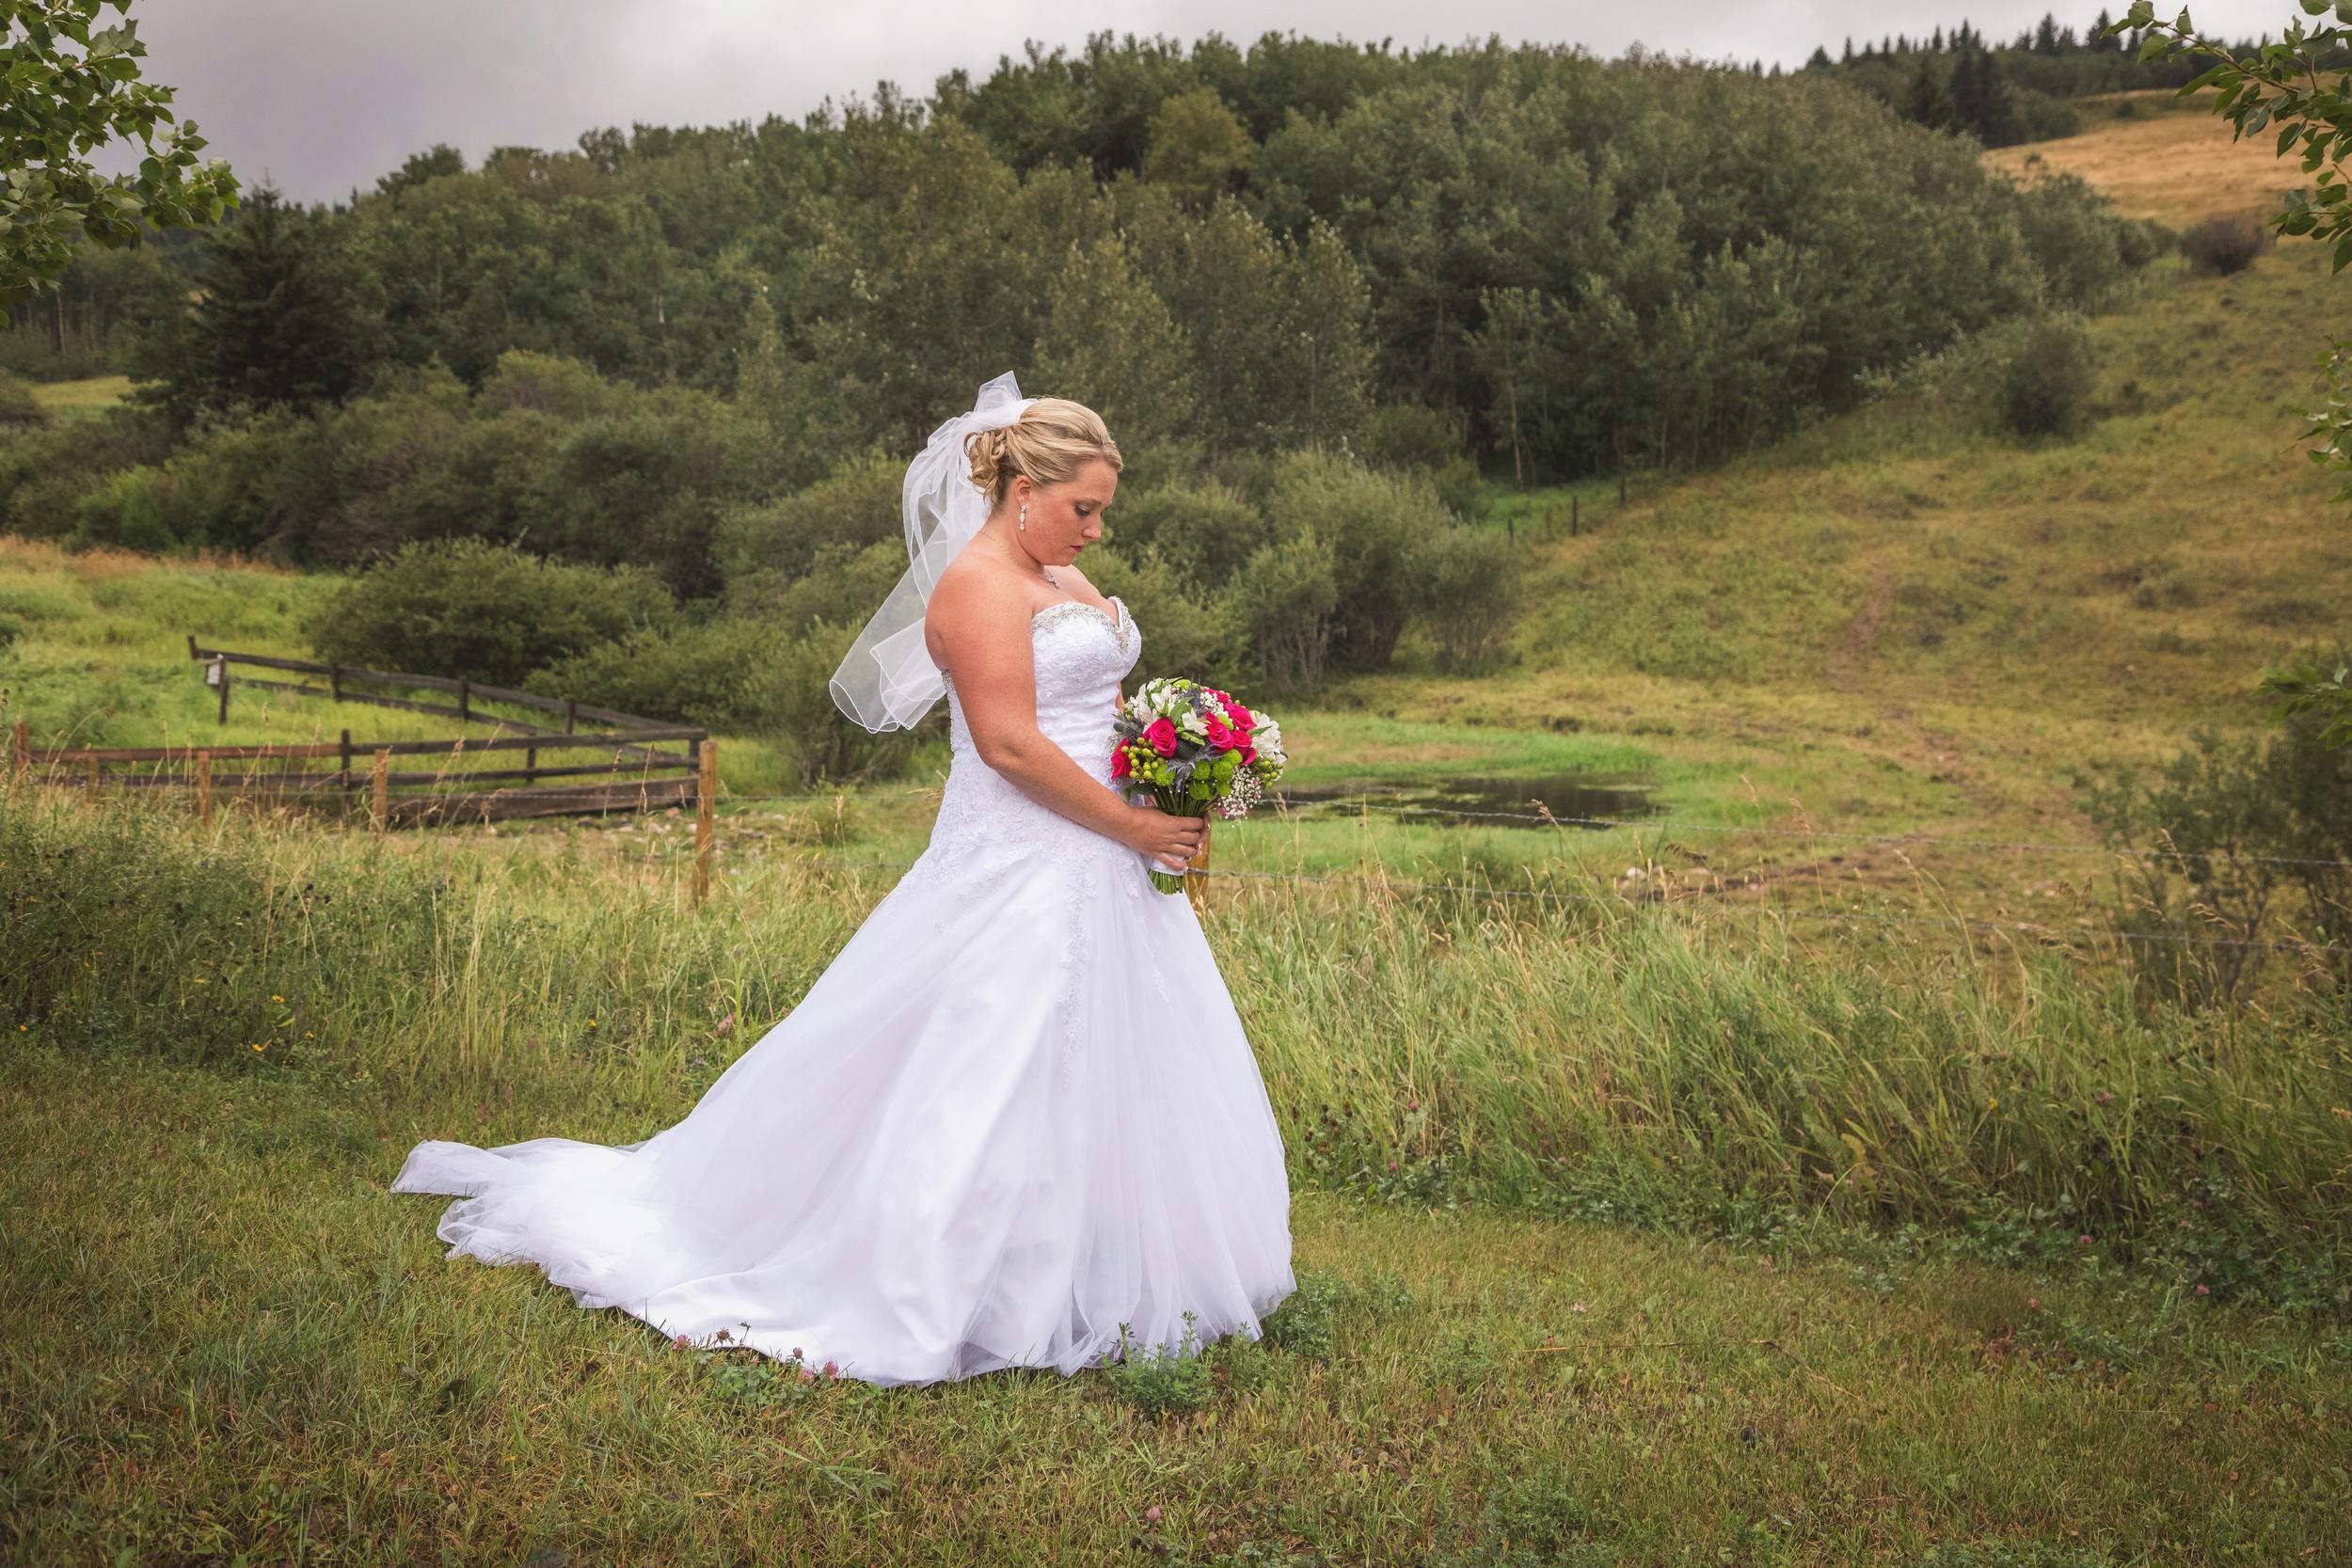 CS_Wedding_14-08-23_257.jpg